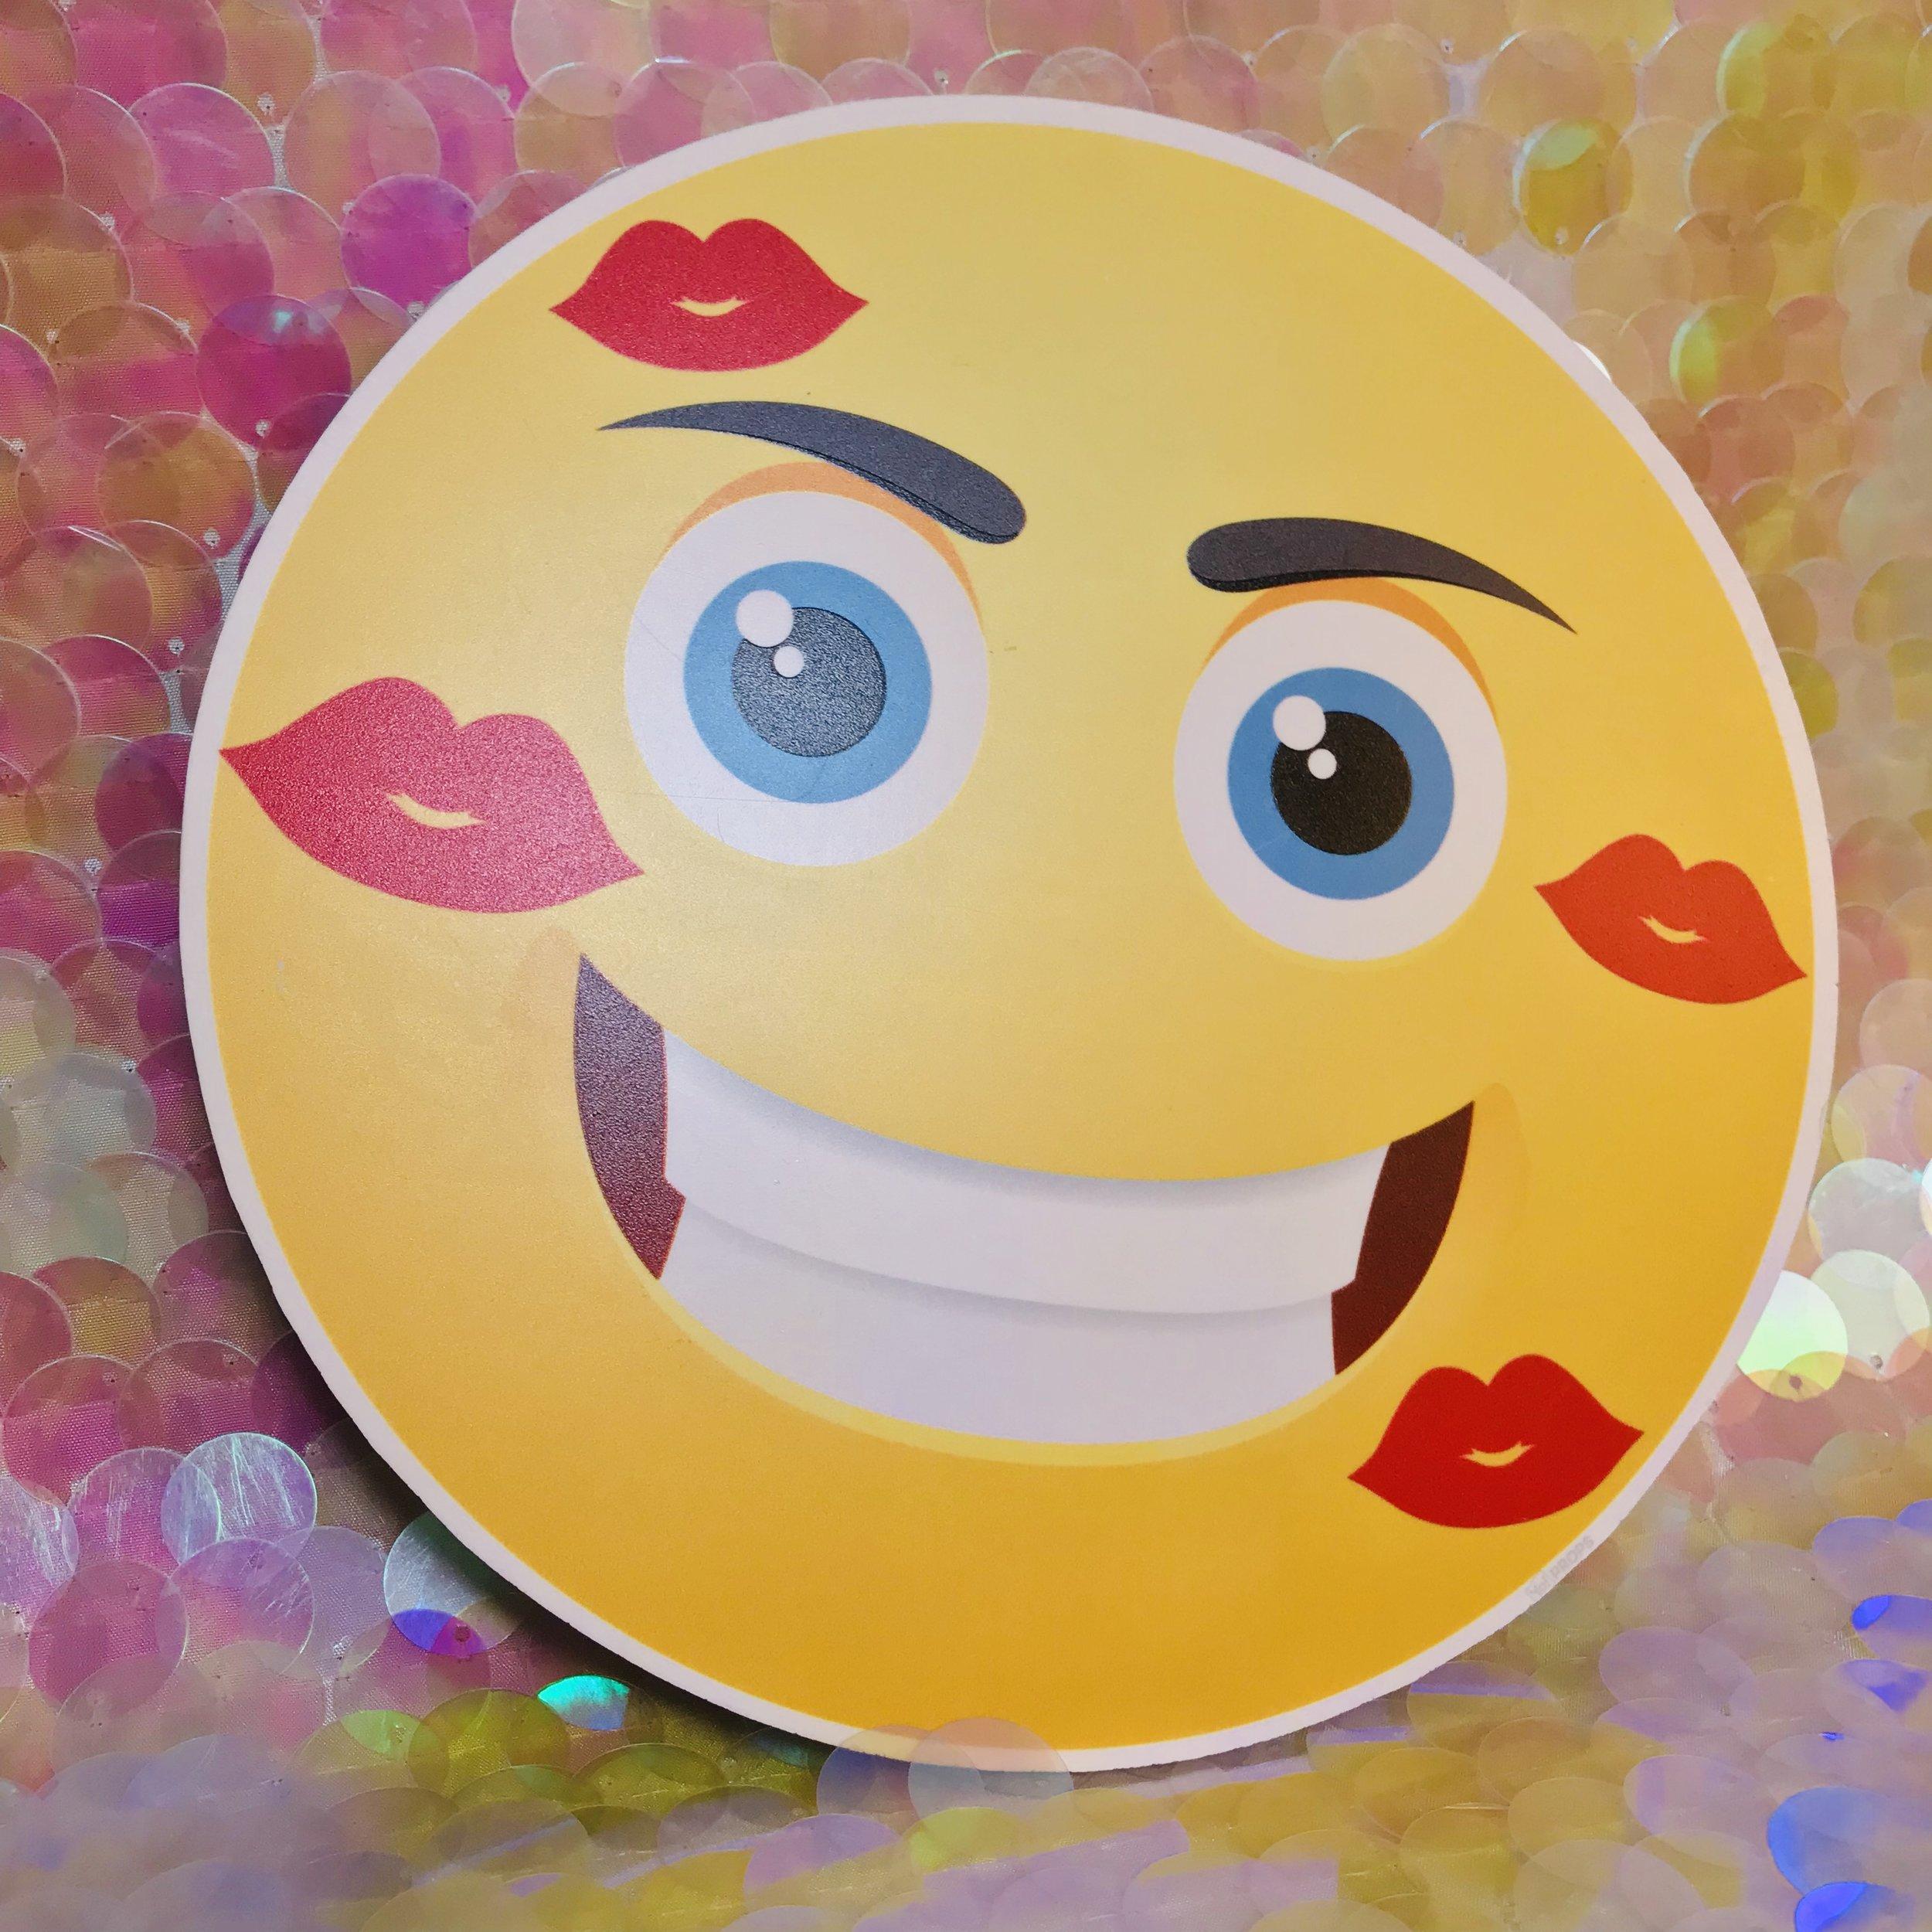 Lips Emoji.jpg